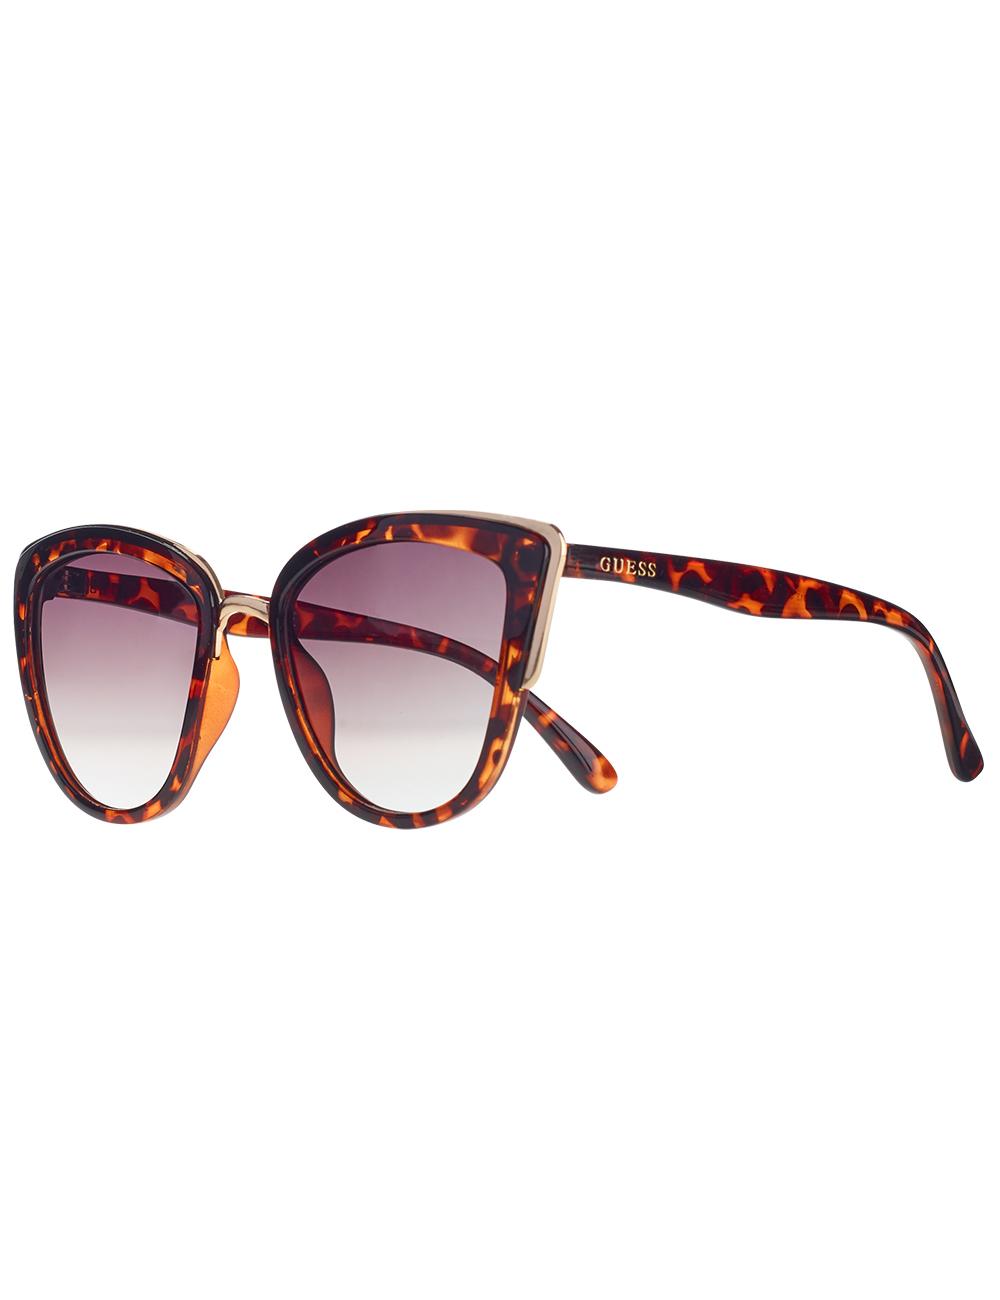 e0baf70fa13db Lunettes de soleil Guess aspect léopard